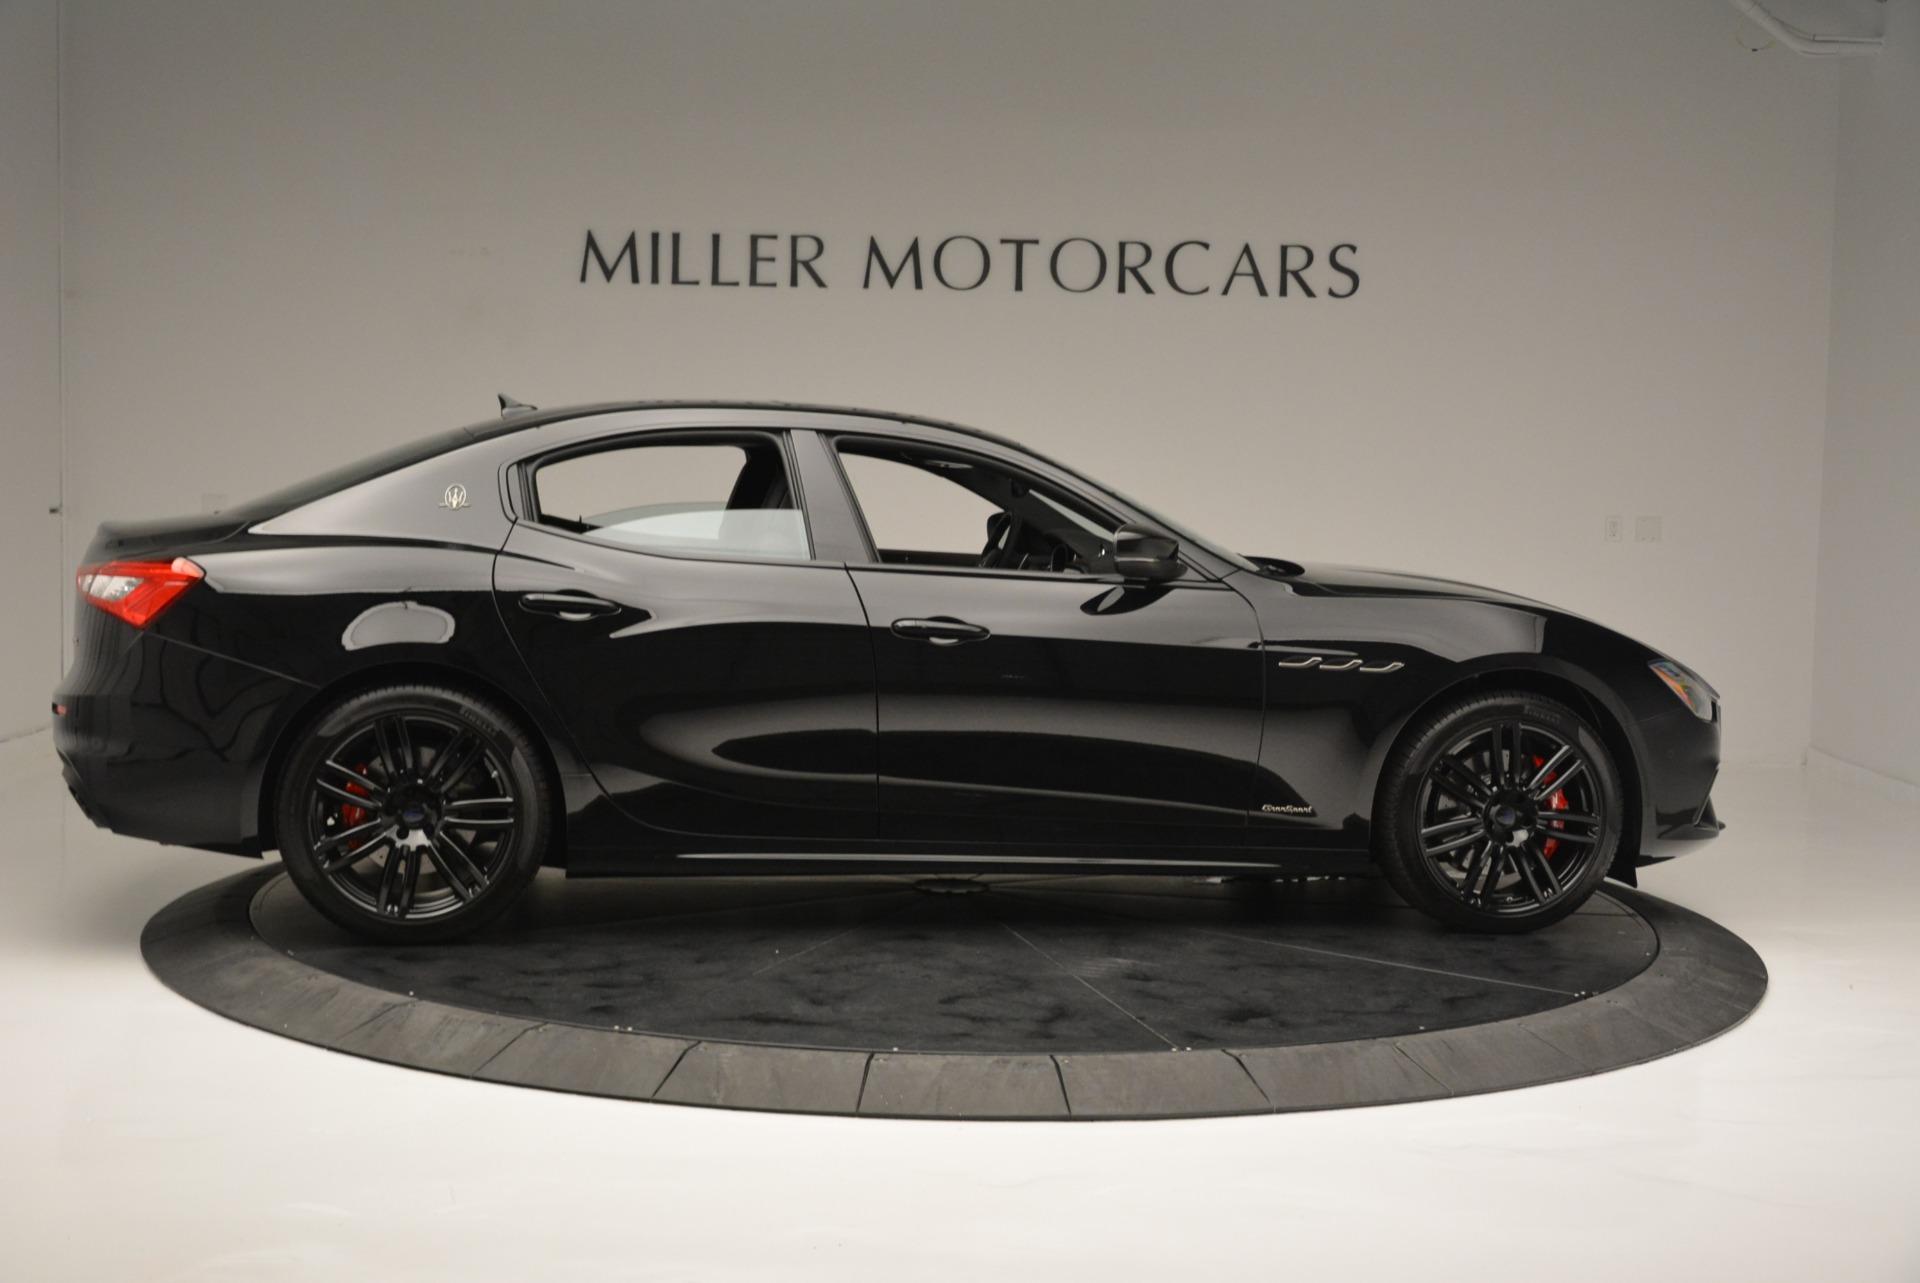 New 2018 Maserati Ghibli SQ4 GranSport Nerissimo For Sale In Greenwich, CT 2278_p9